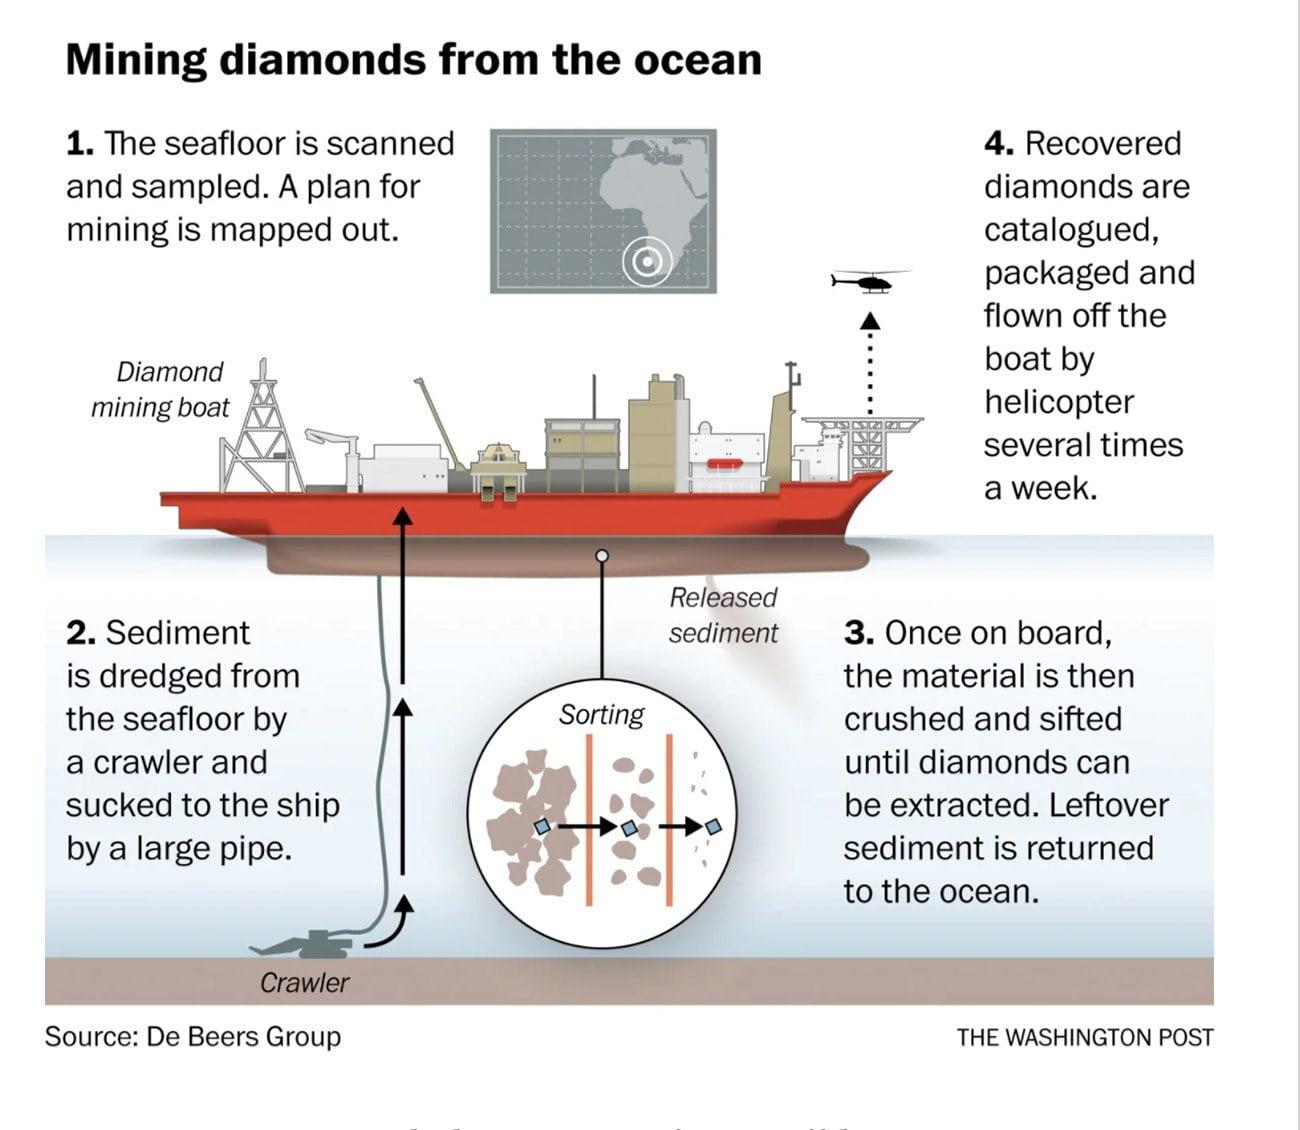 infográfico mostra operação de mineração de diamantes na Namíbia